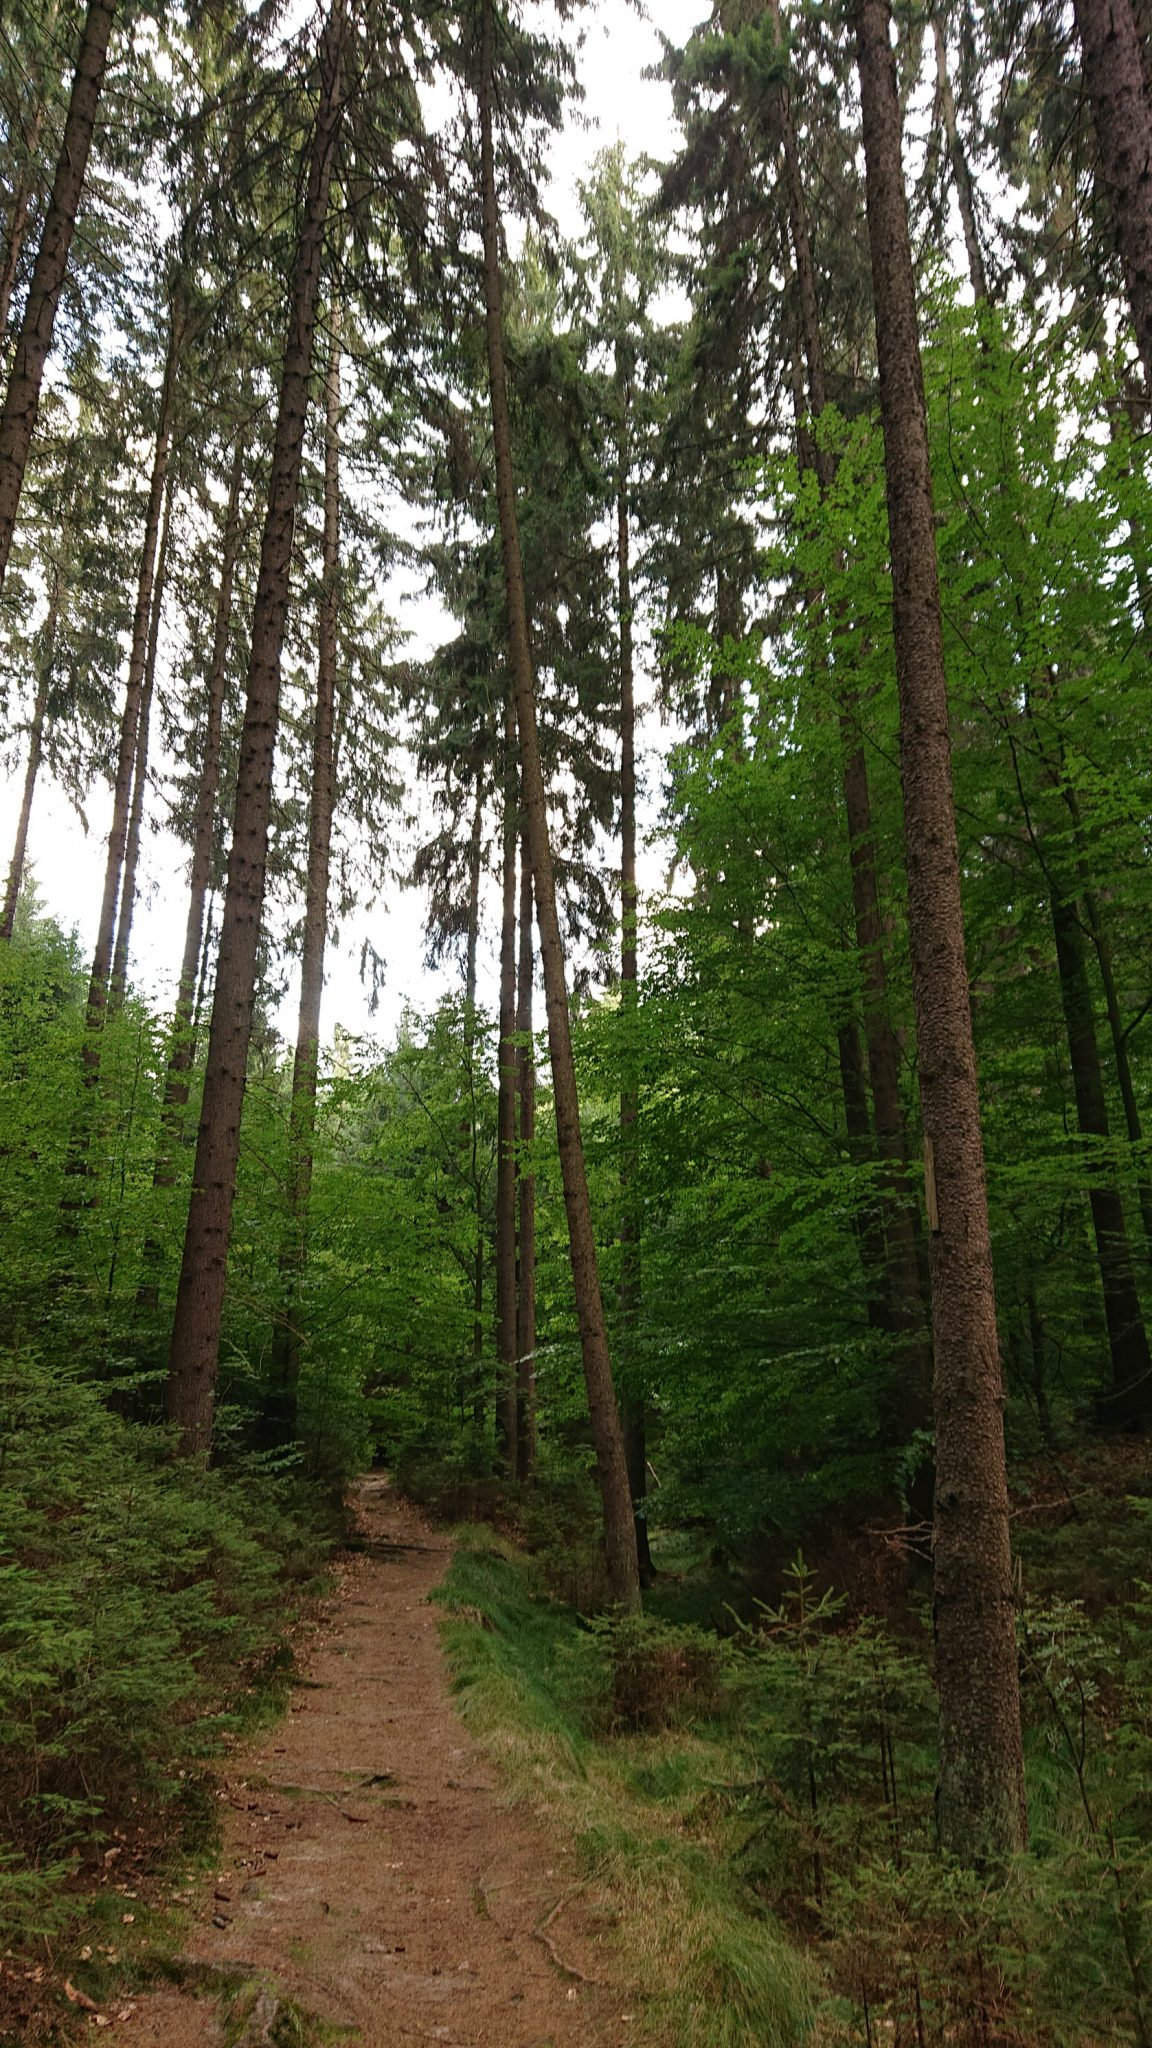 Zeughaus Hickelhöhle und Großer Reitsteig - im Kirnitzschtal wandern, Wanderweg im Wanderparadies Sächsische Schweiz mit vielen tollen Aussichten, riesiger Felsennationalpark, hohe, dünne Bäume